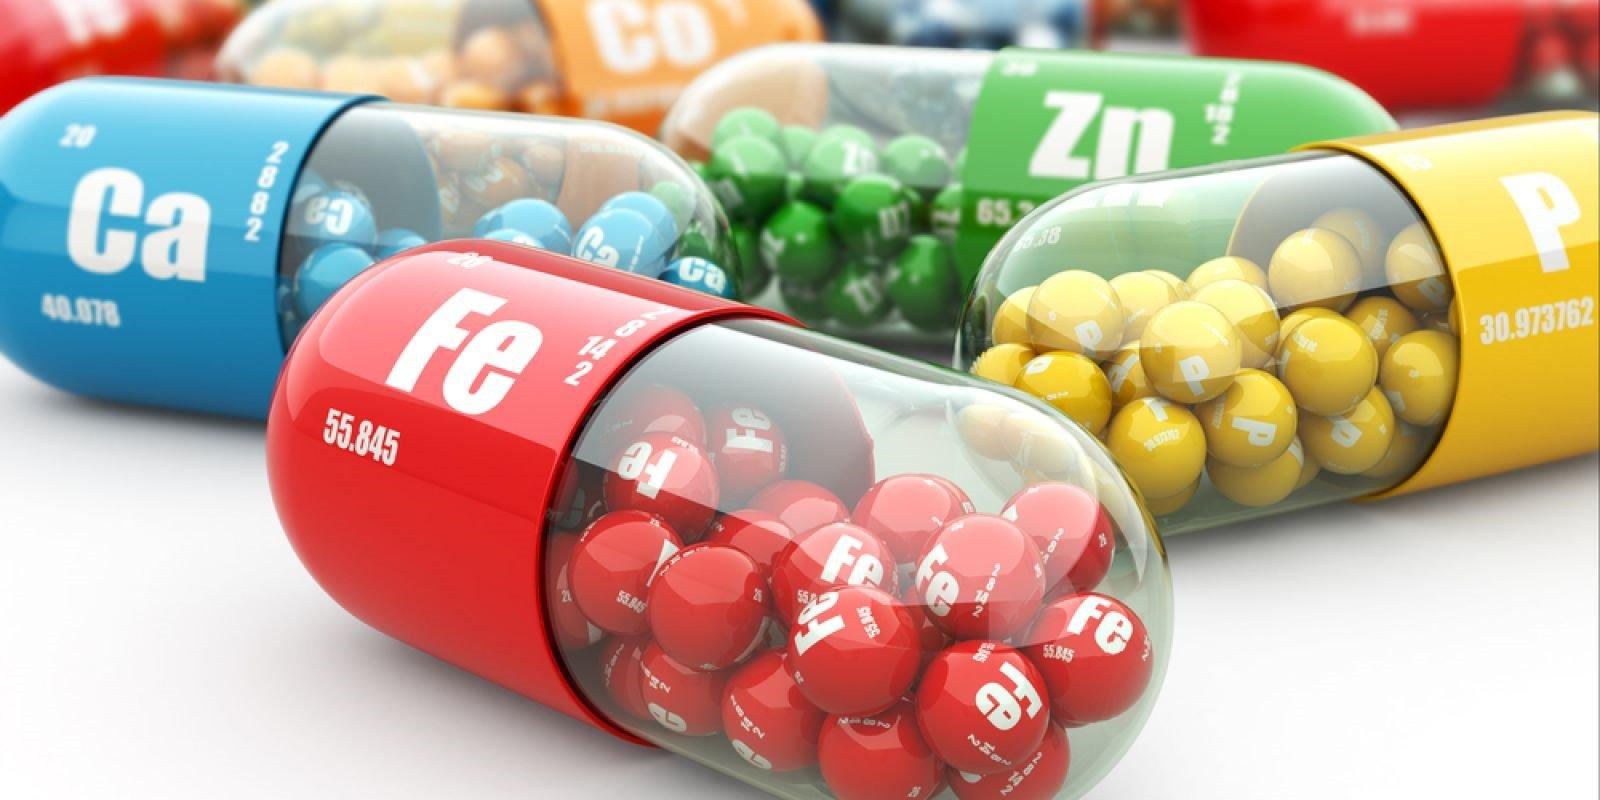 Правильно выбранные добавки могут привести в норму концентрацию холестерина